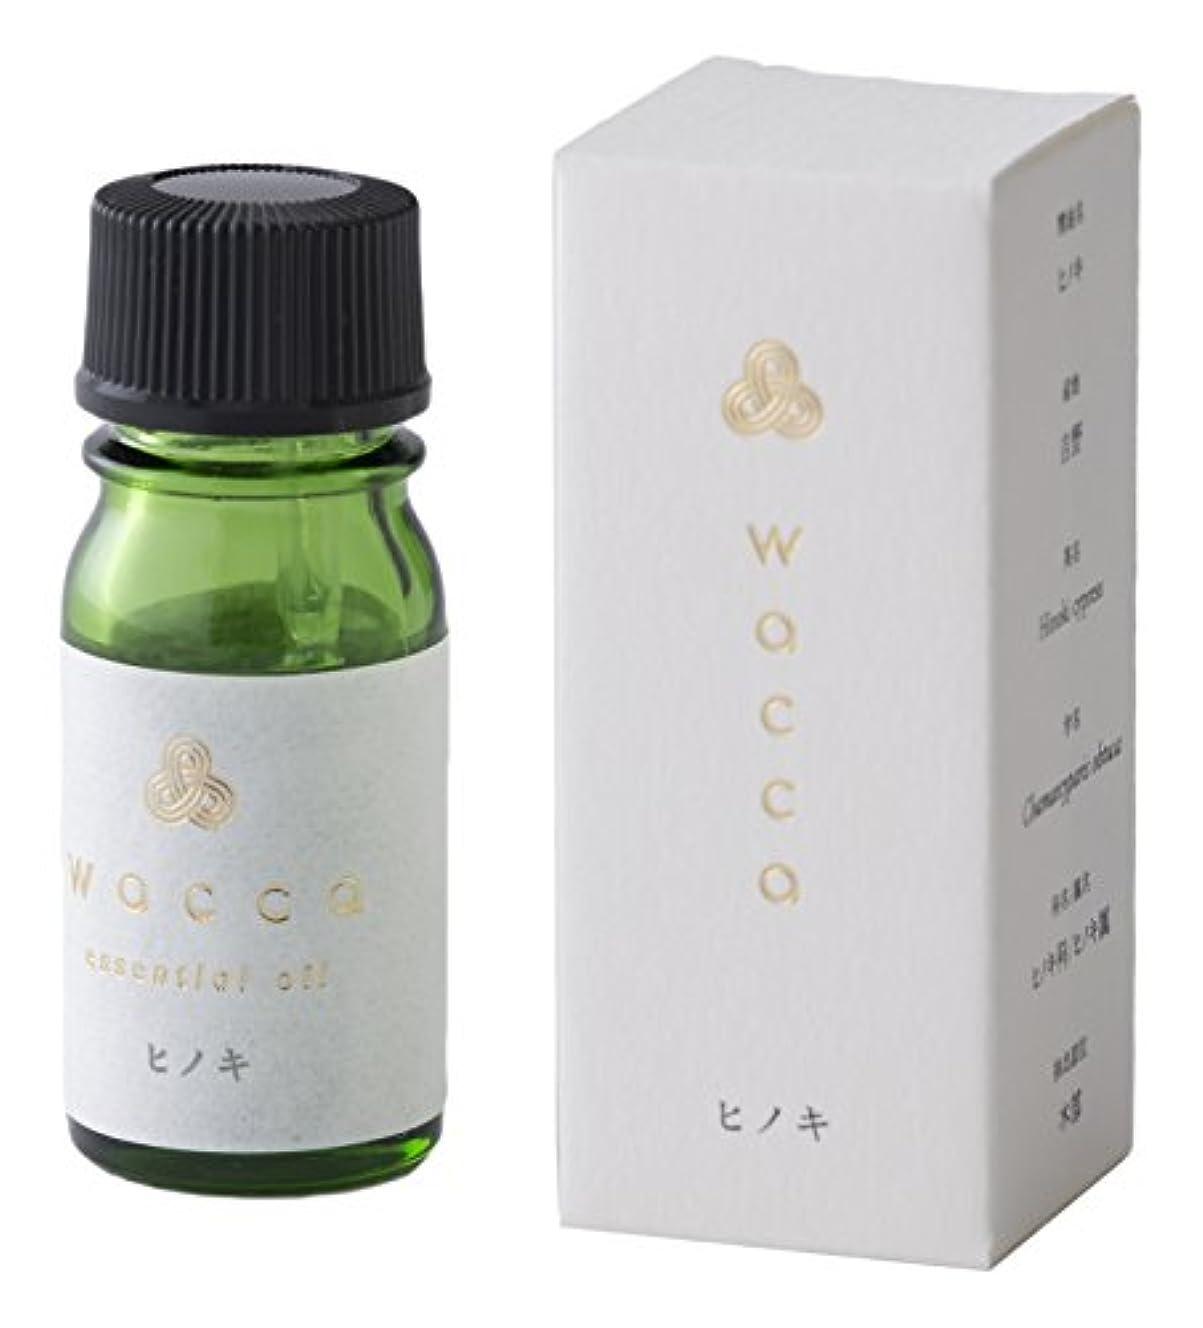 汚染銅間欠wacca ワッカ エッセンシャルオイル 5ml 檜 ヒノキ Hinoki cypress essential oil 和精油 KUSU HANDMADE